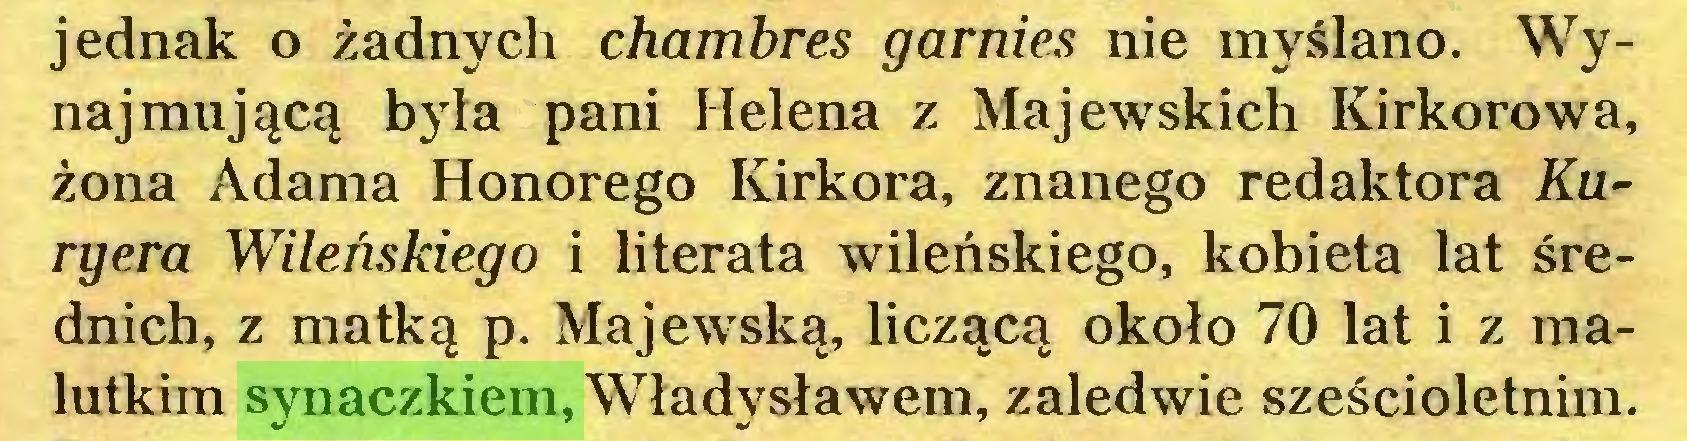 (...) jednak o żadnych chambres garnies nie myślano. Wynajmującą była pani Helena z Majewskich Kirkorowa, żona Adama Honorego Kirkora, znanego redaktora Auryera Wileńskiego i literata wileńskiego, kobieta lat średnich, z matką p. Majewską, liczącą około 70 lat i z malutkim synaczkiem, Władysławem, zaledwie sześcioletnim...